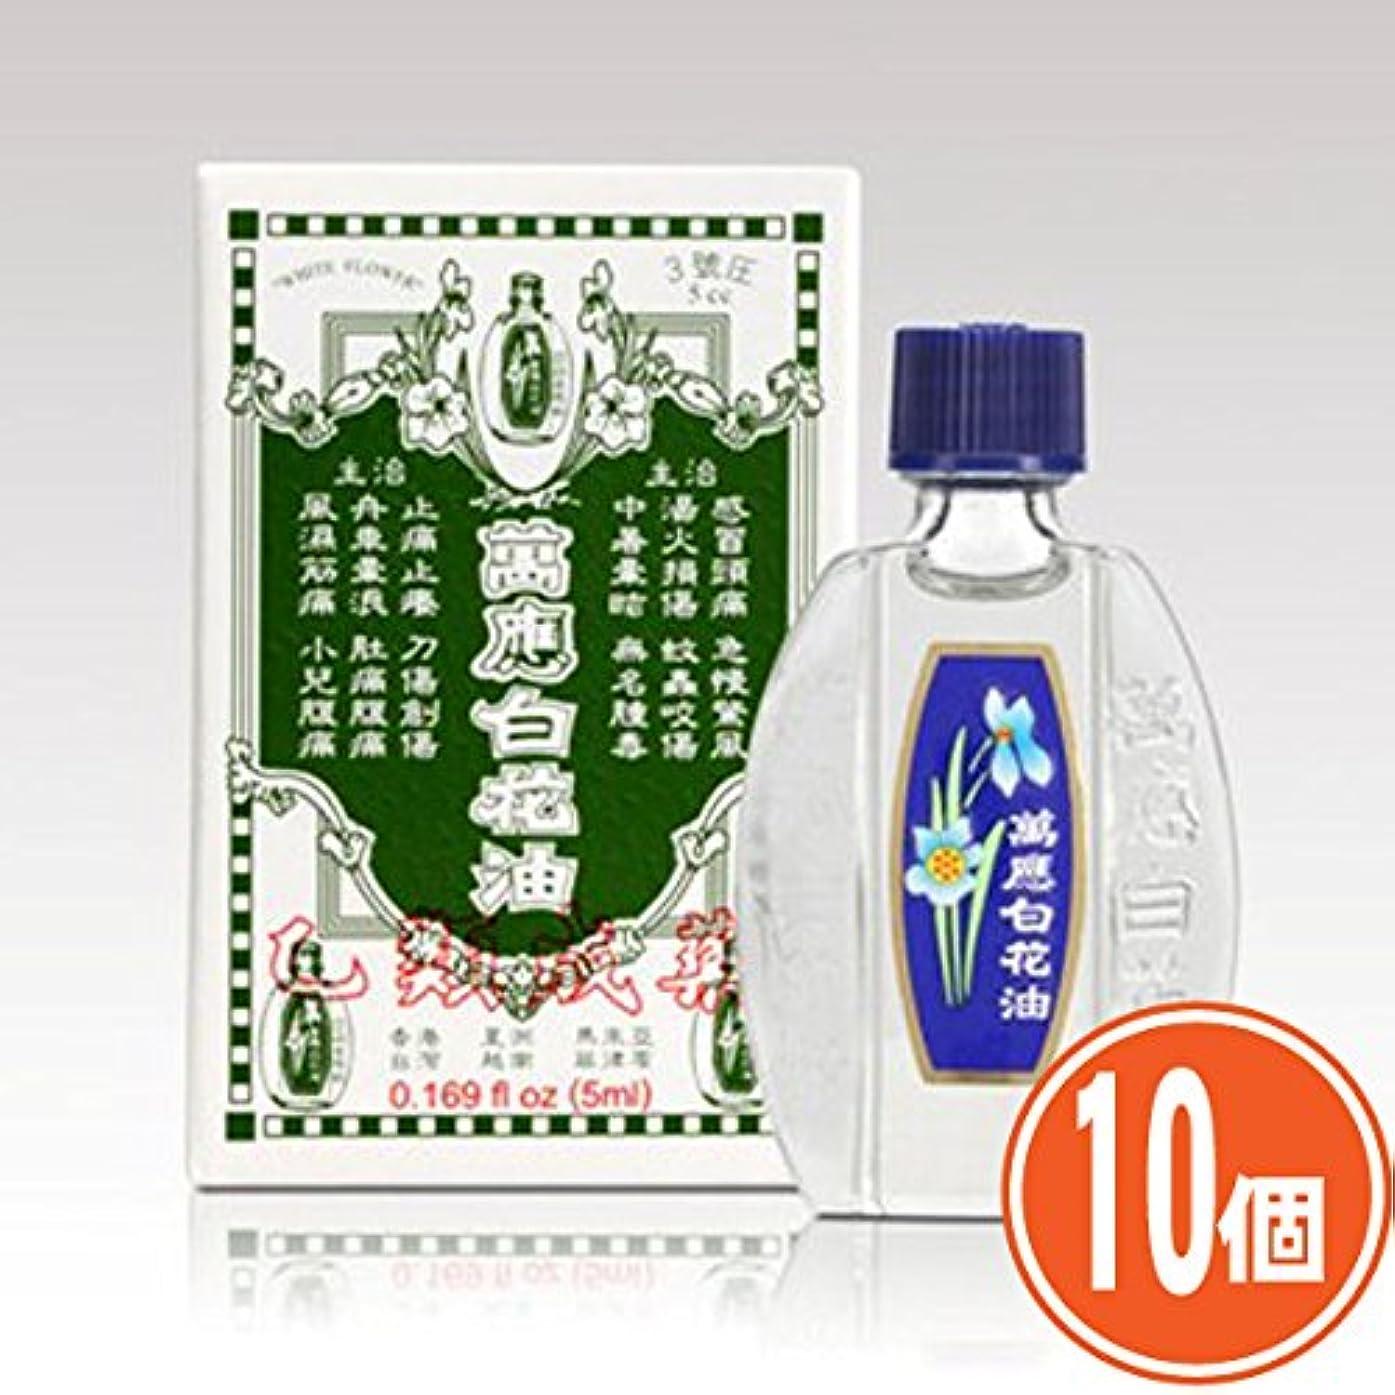 提供ポスター剥離《萬應白花油》 台湾の万能アロマオイル 万能白花油 5ml ×10個 ★ [並行輸入品]